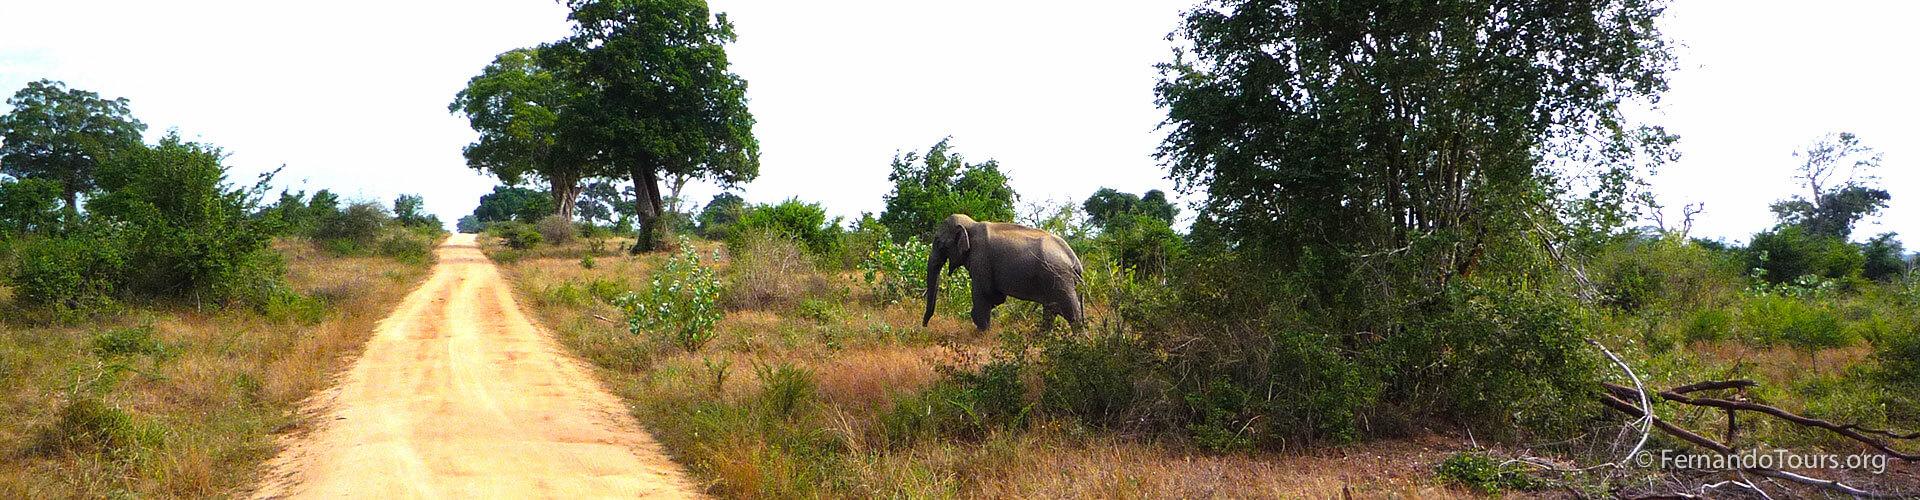 Udawalawe National Park Sri Lanka - Wild elephant